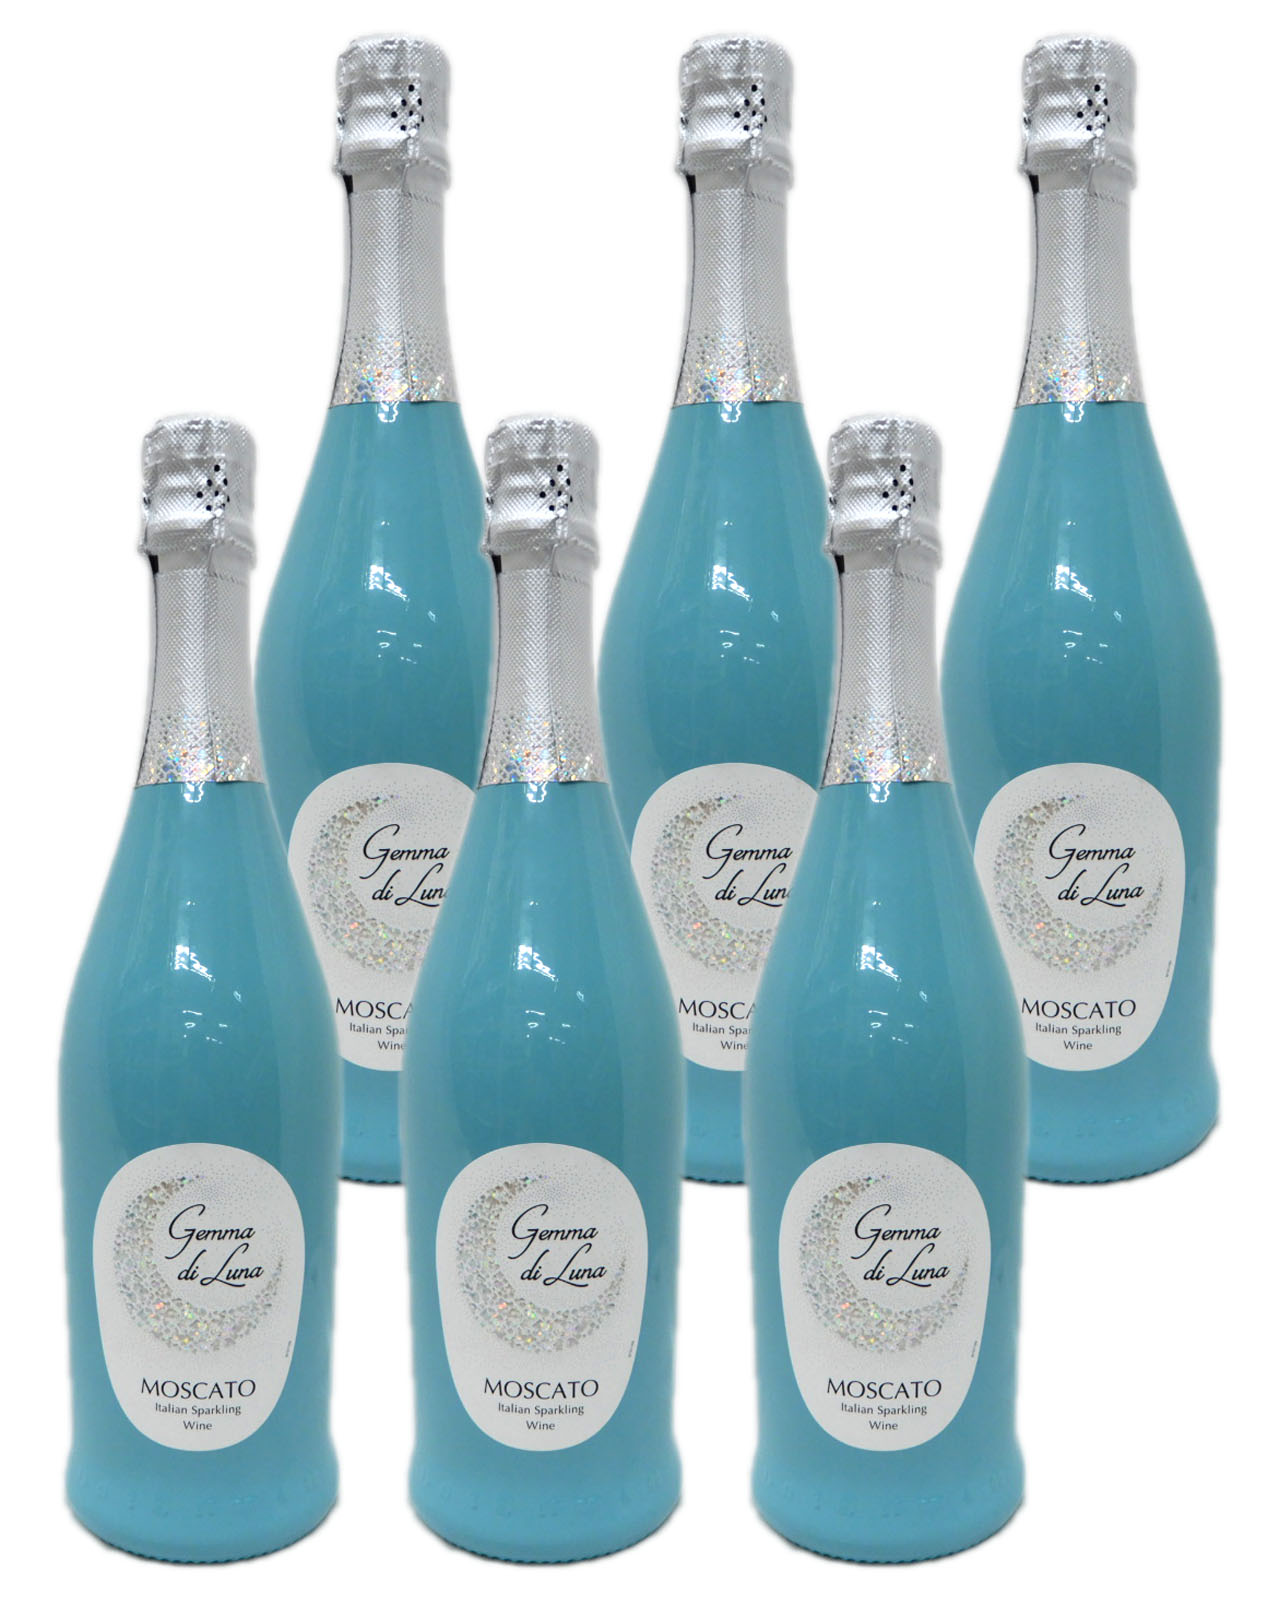 女性の感情が高ぶるカラー をボトルの色に反映 金賞受賞 ジェンマ ディ ルナ モスカート スプマンテ 7.5% 6本セット 送料無料 公式 東北 限定タイムセール 白泡 ※ 沖縄以外 750ml 北海道